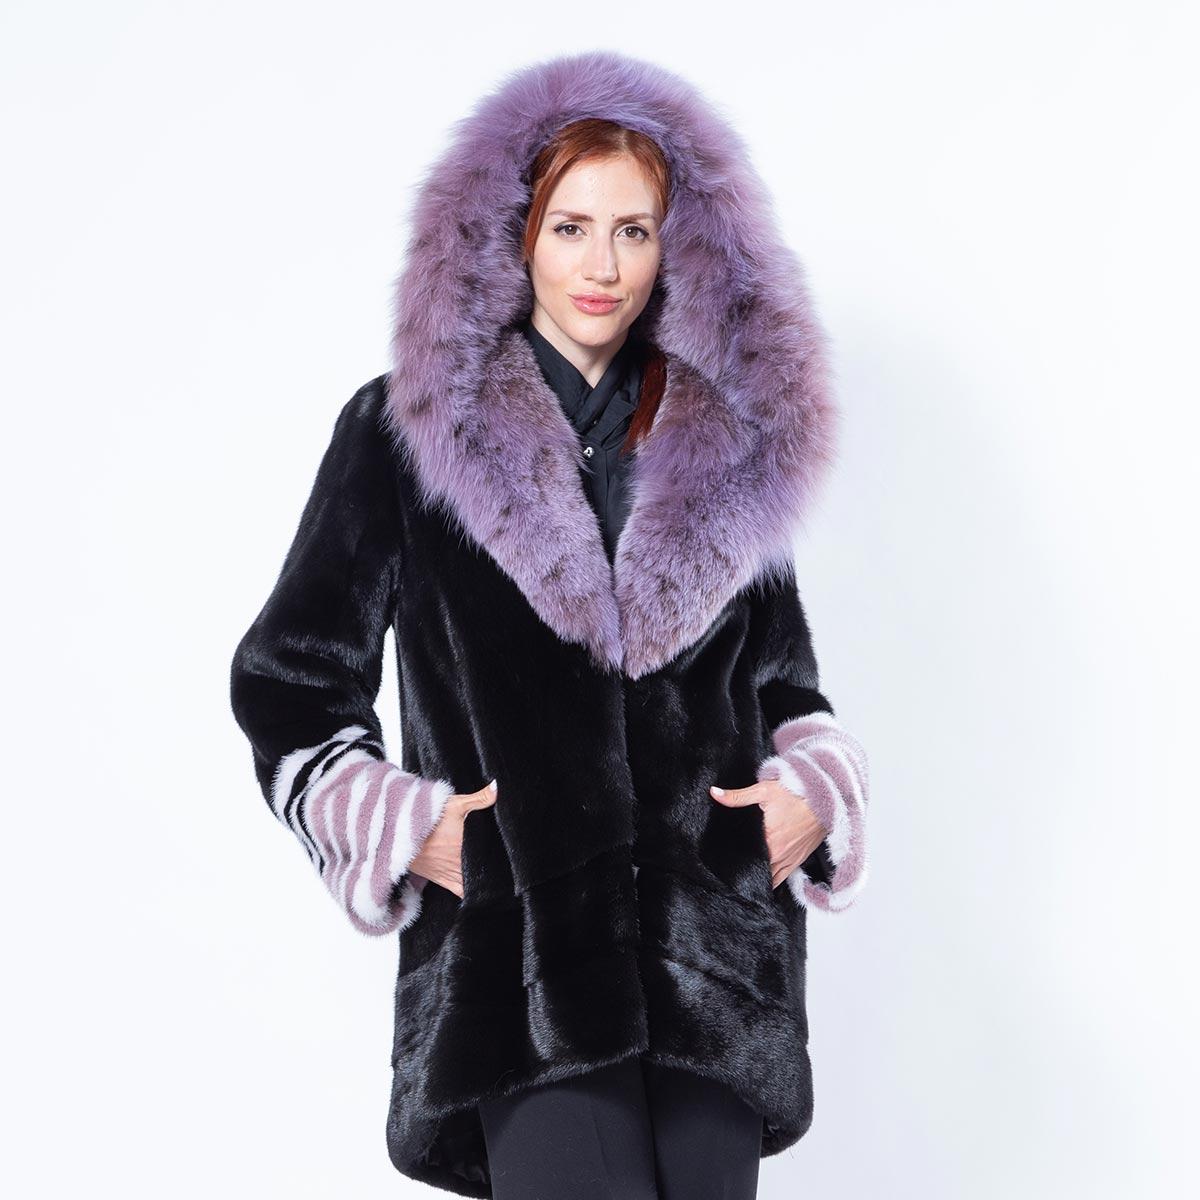 Aurora Black Mink Jacket with Hood   Sarigianni Furs